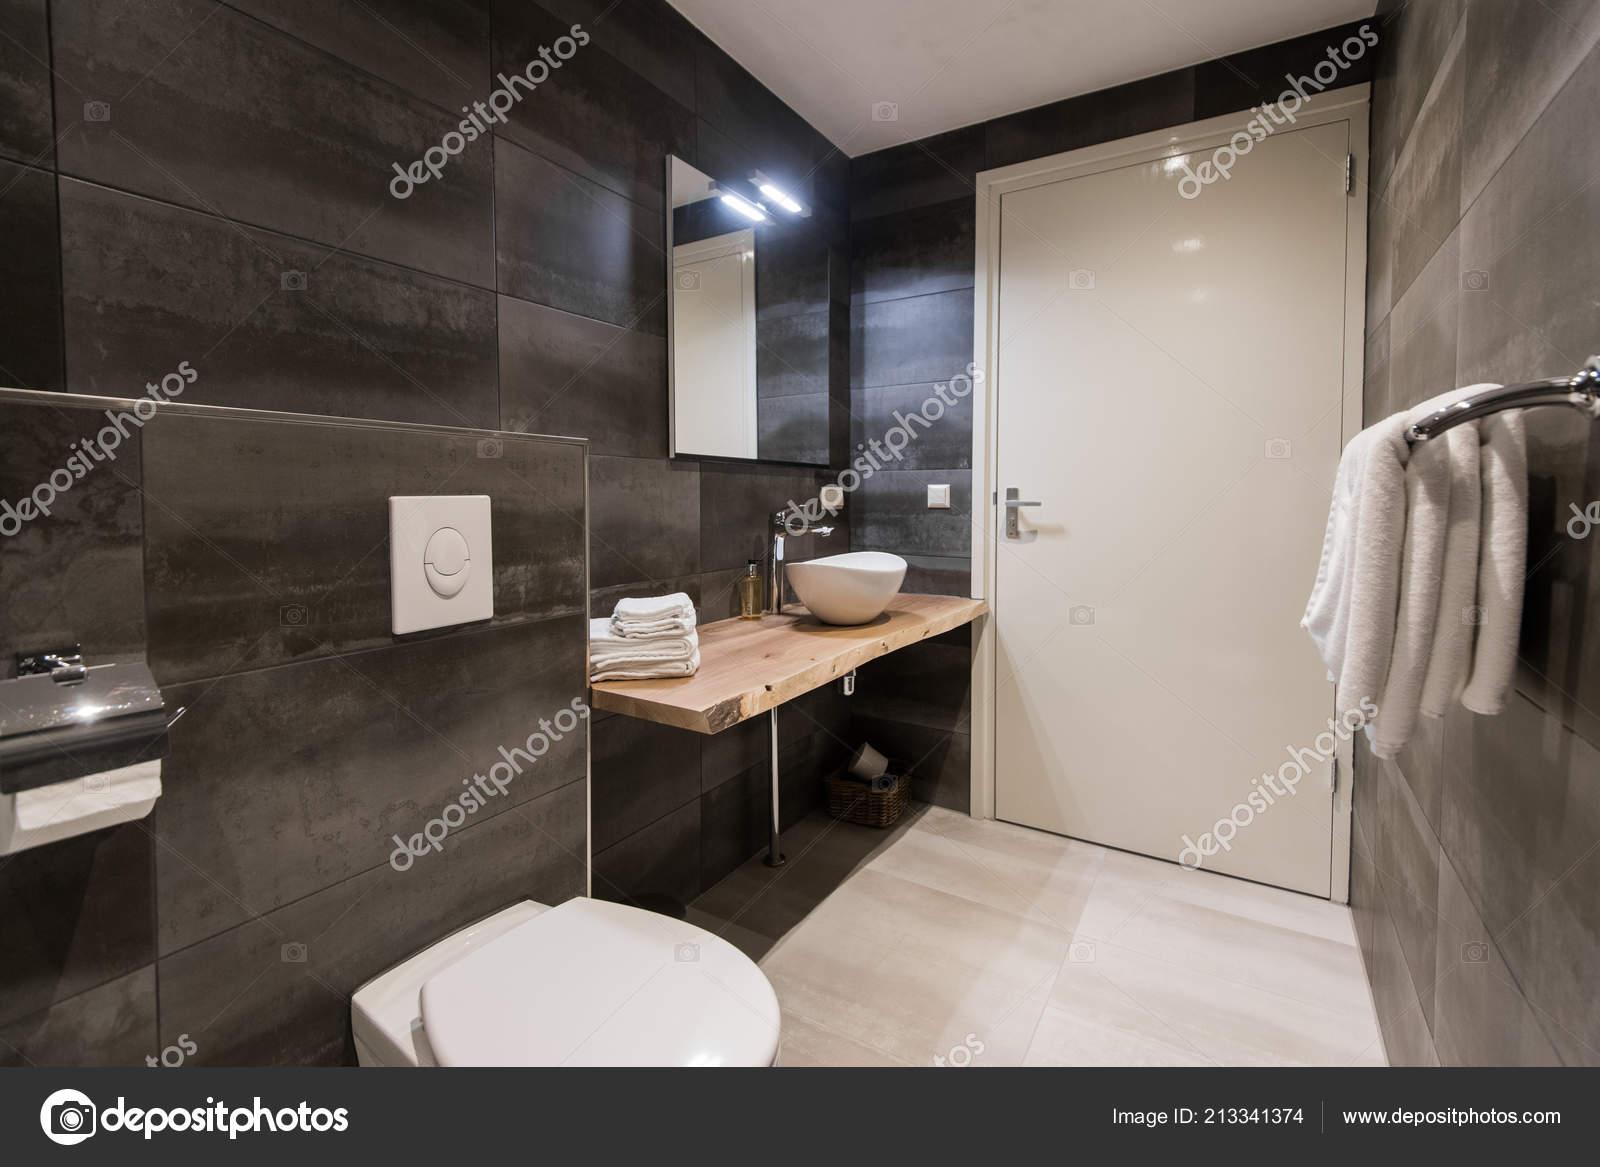 Salle de bain contemporaine en mosaïque avec les carreaux blancs et ...